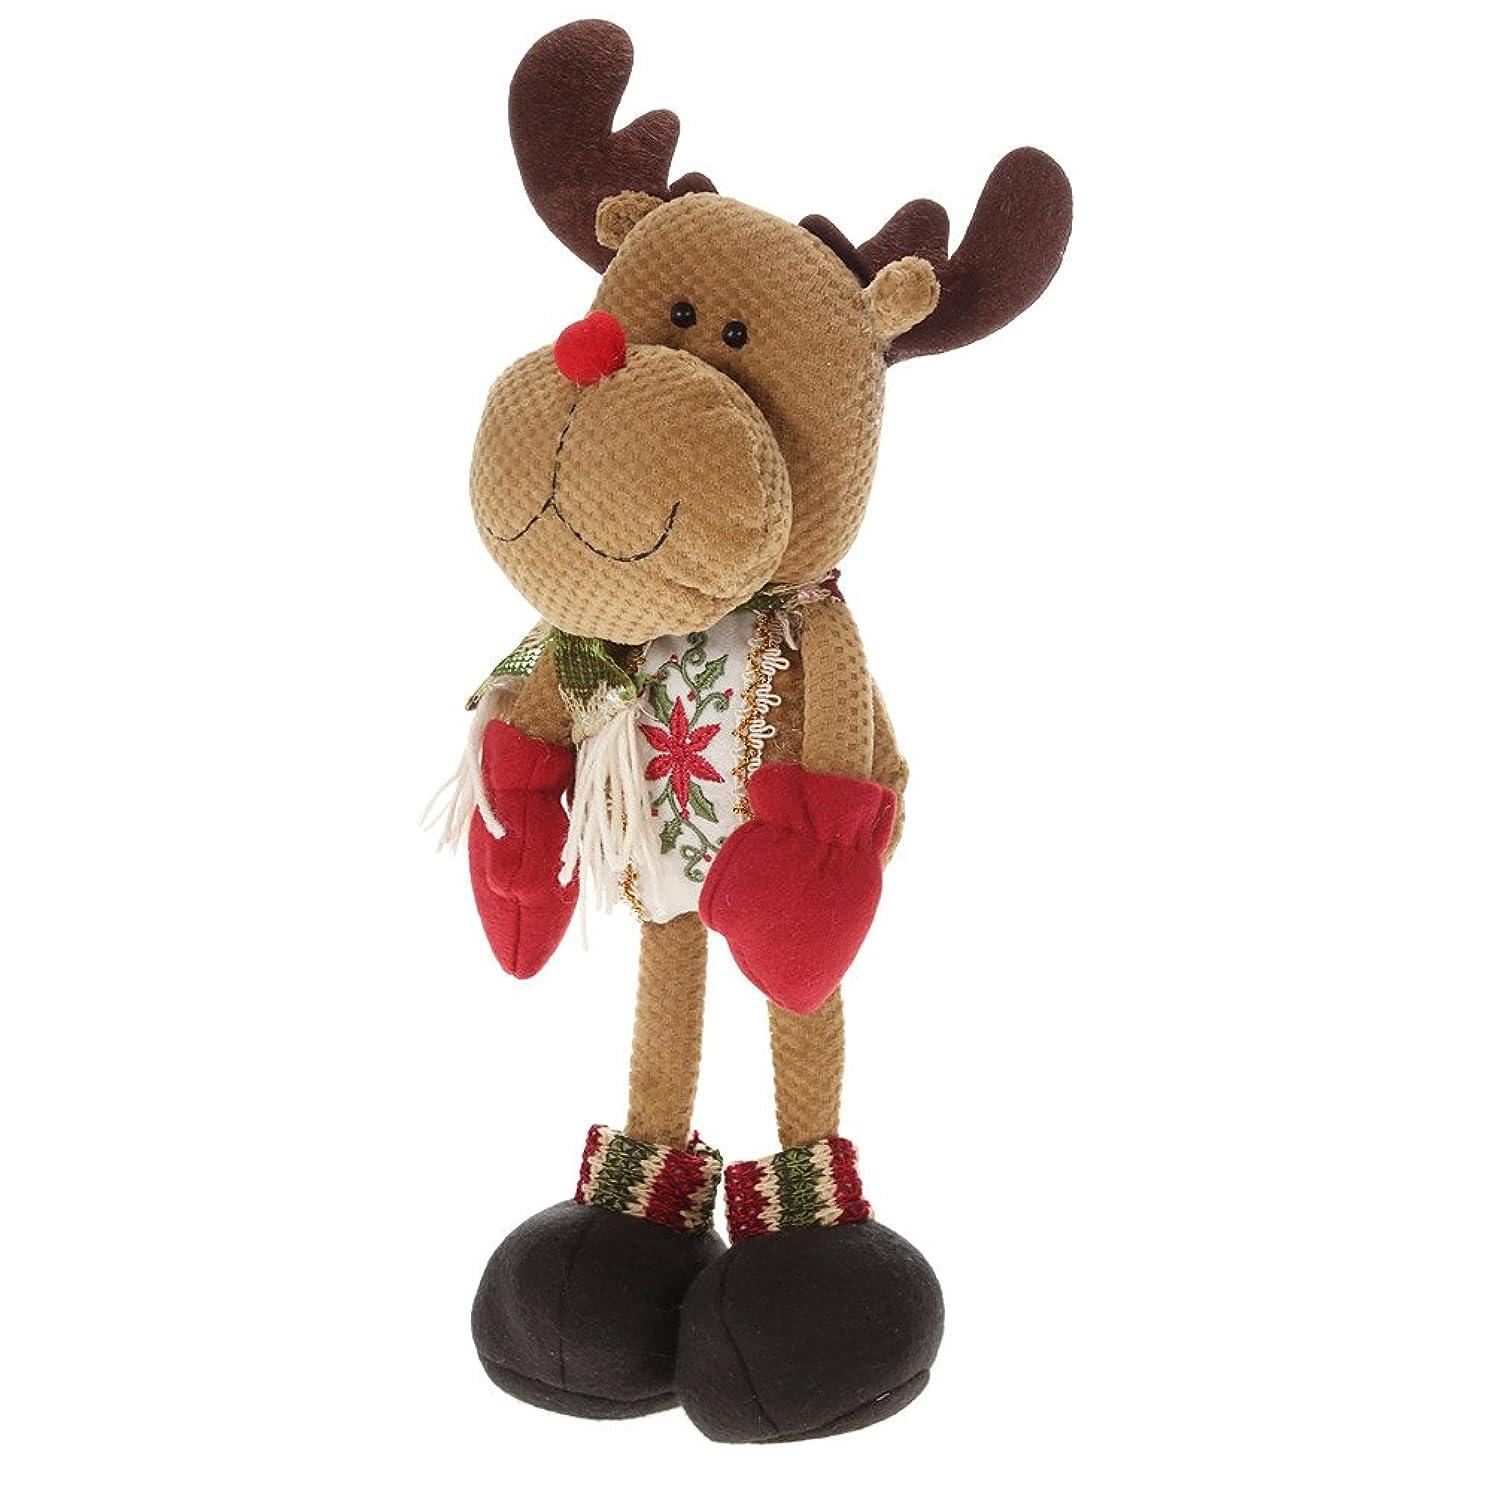 ブルジョン学部長調停するFestnight 素敵なクリスマスぬいぐるみ 立ちサンタクローストナカイ雪だるま クリスマス人形 クリスマスの飾り